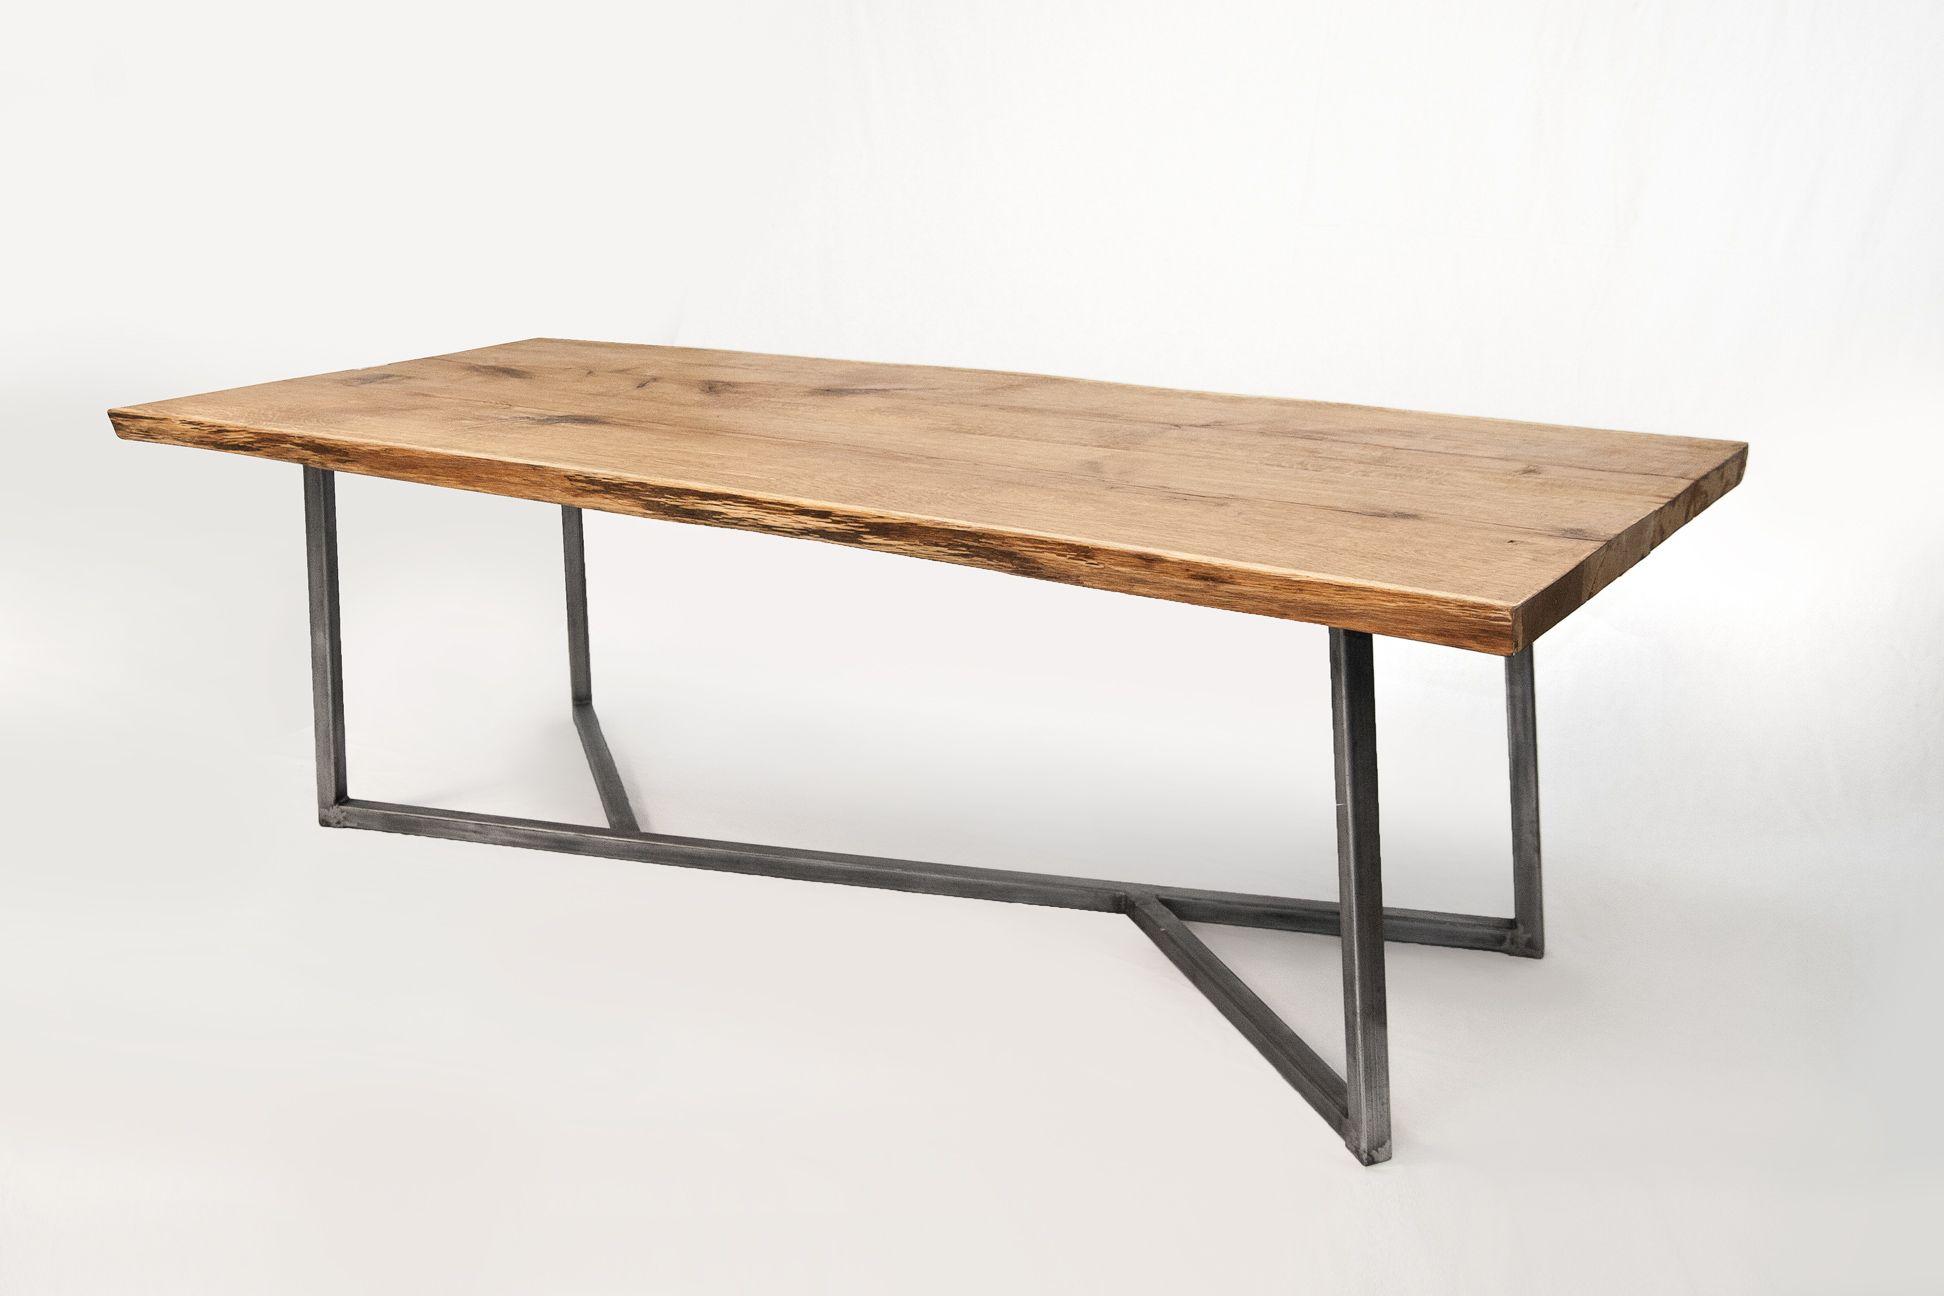 Oak Steel Table Xxl Http Www Nutsandwoods De Esstisch Stuhle